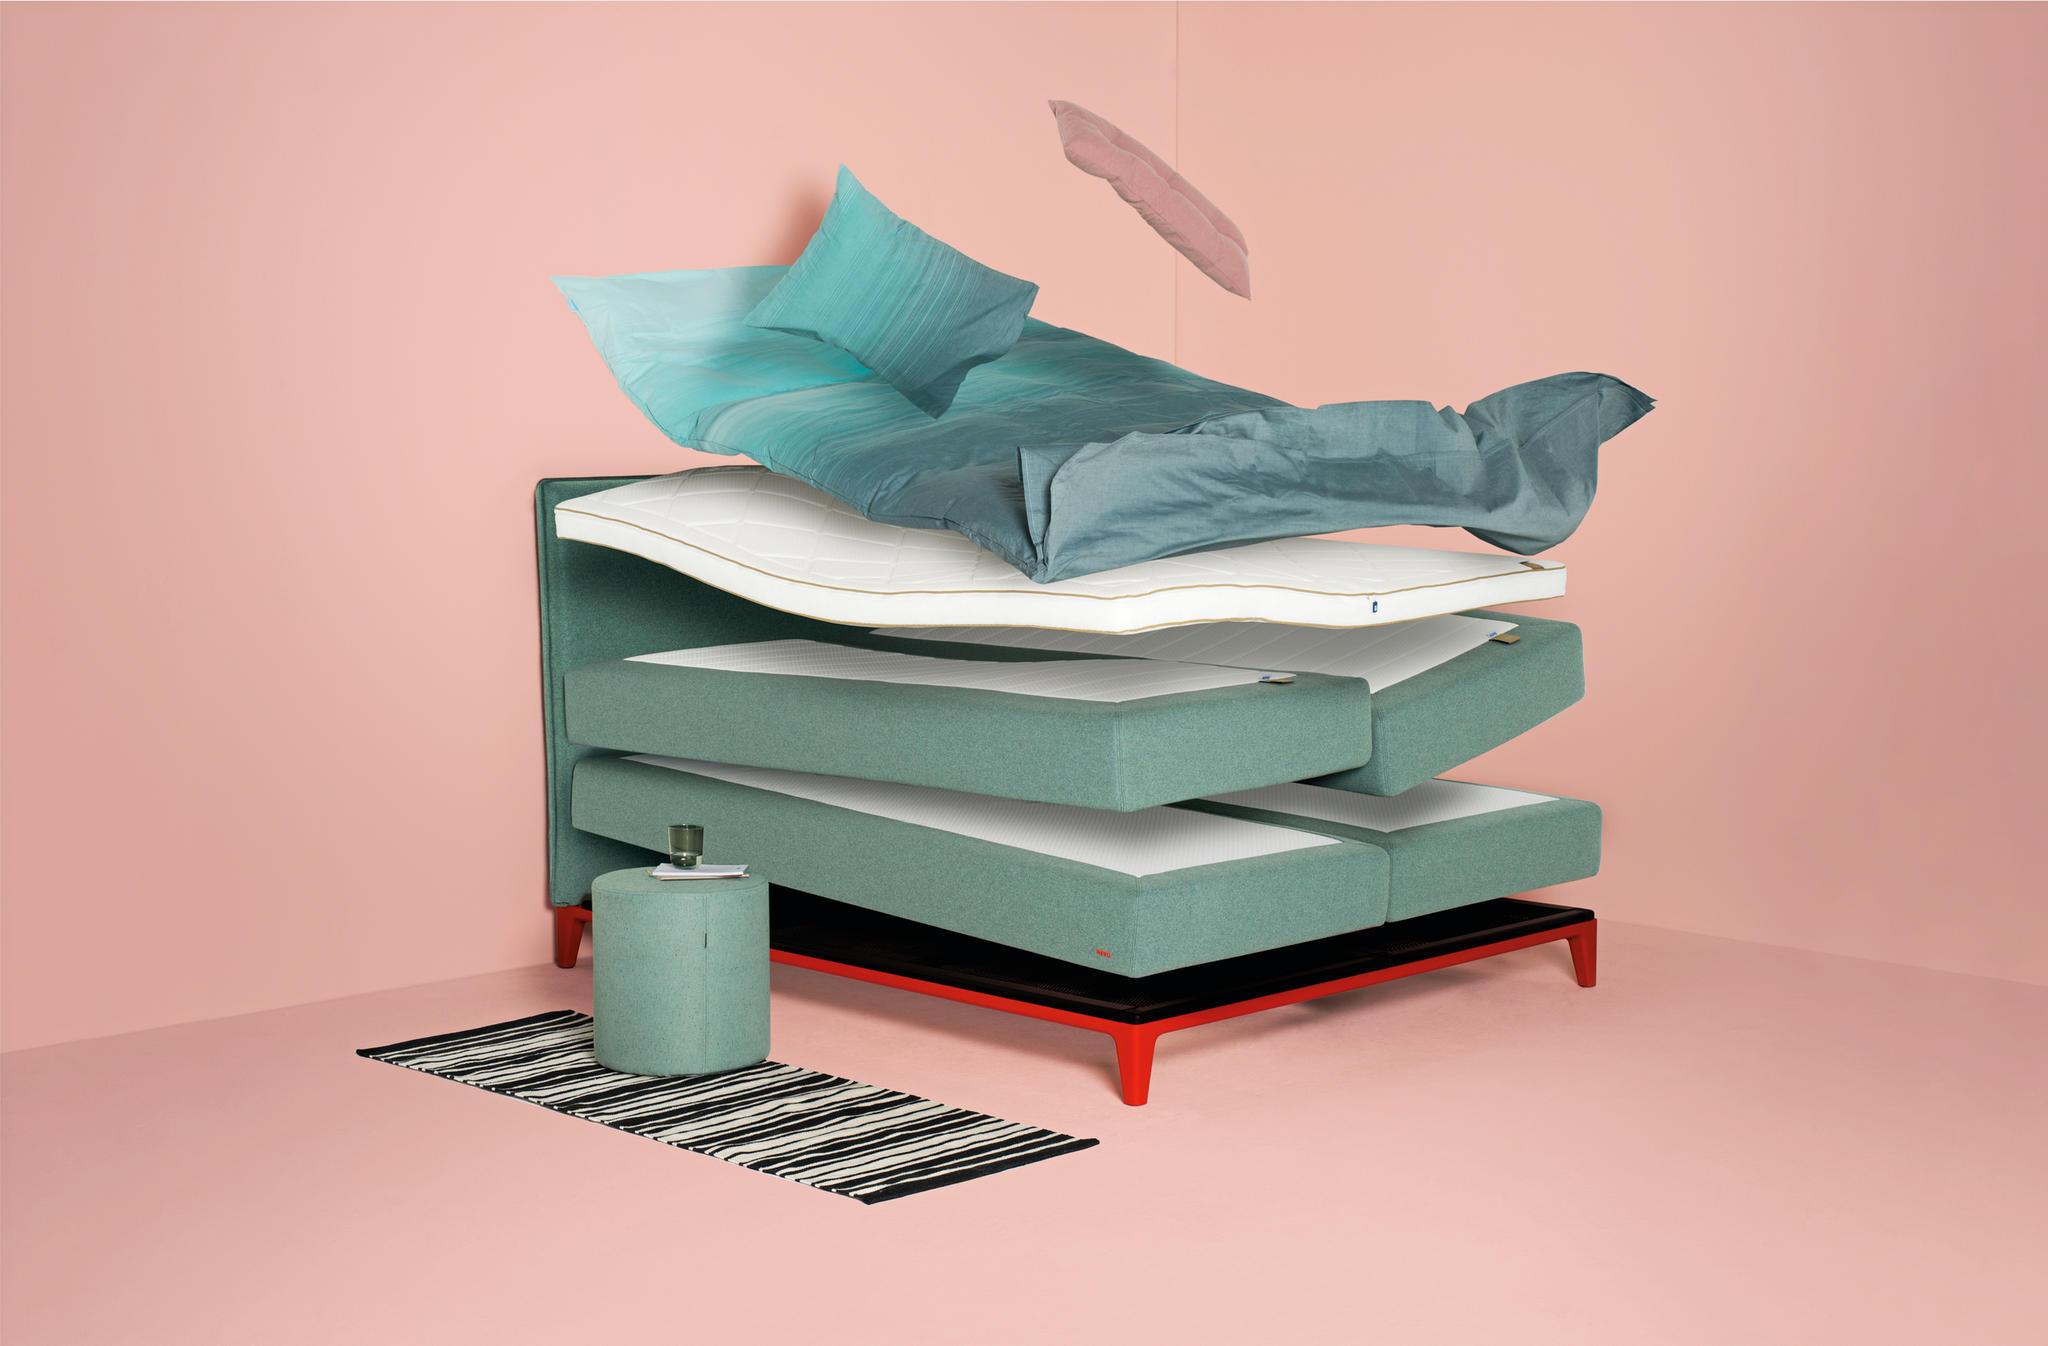 Betten Test: Was Sie beim Bettenkauf beachten sollten | STERN.de